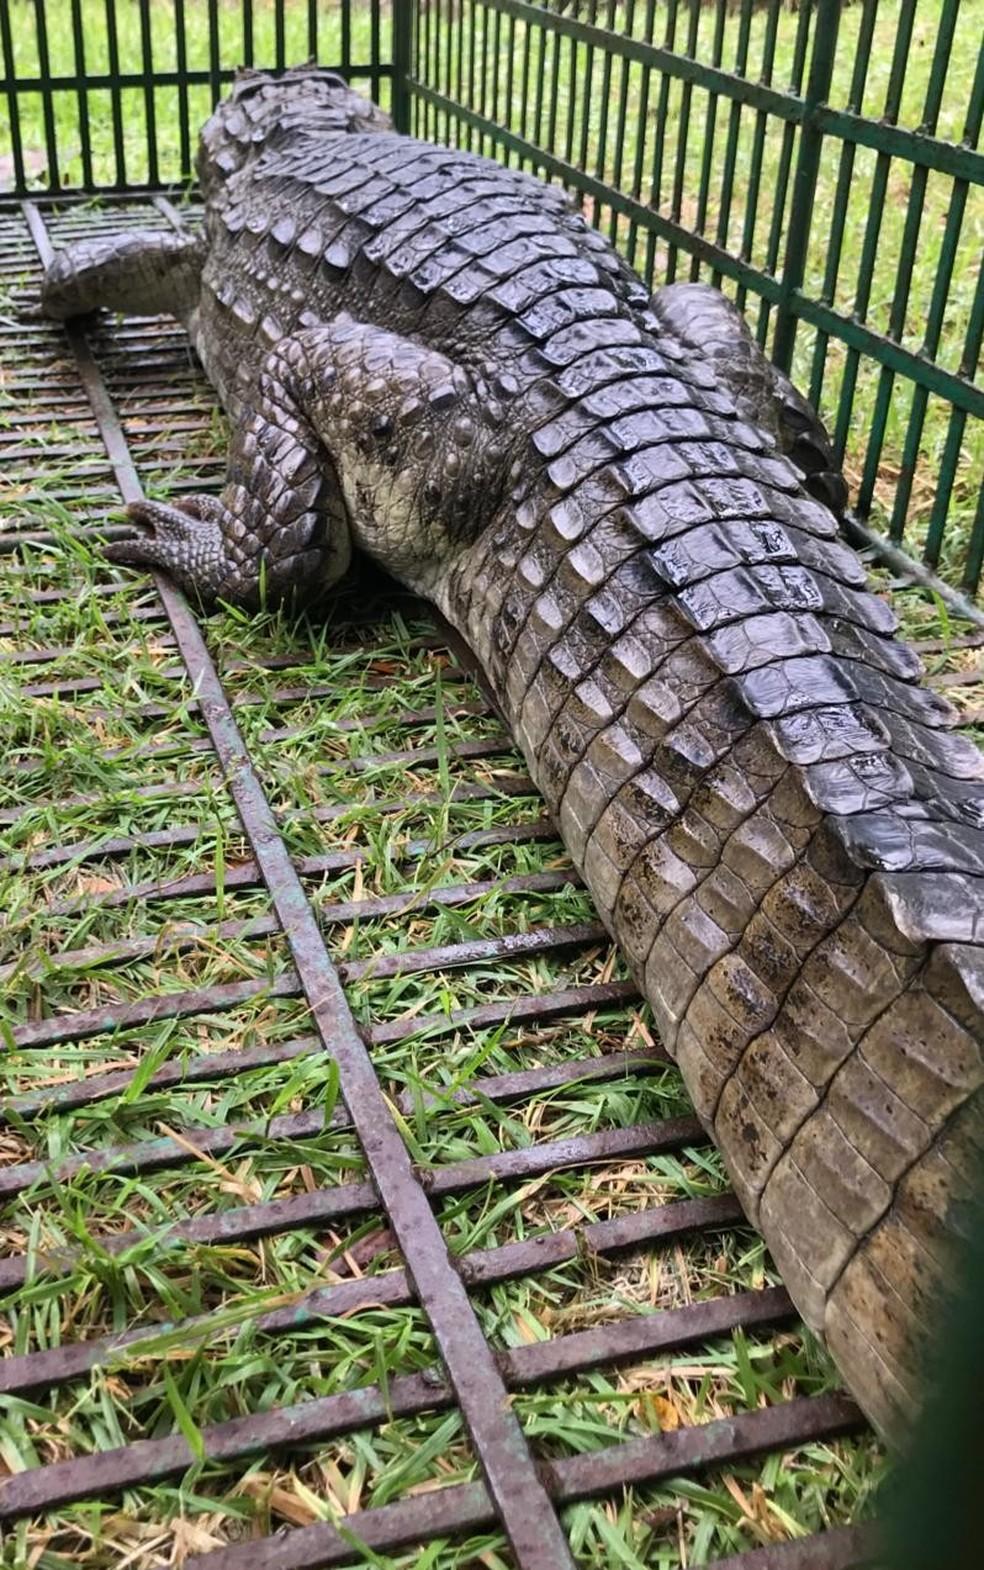 jacaré encontrado em Natal mede 1,70 metros e pesa 35 quilos — Foto: Redes sociais